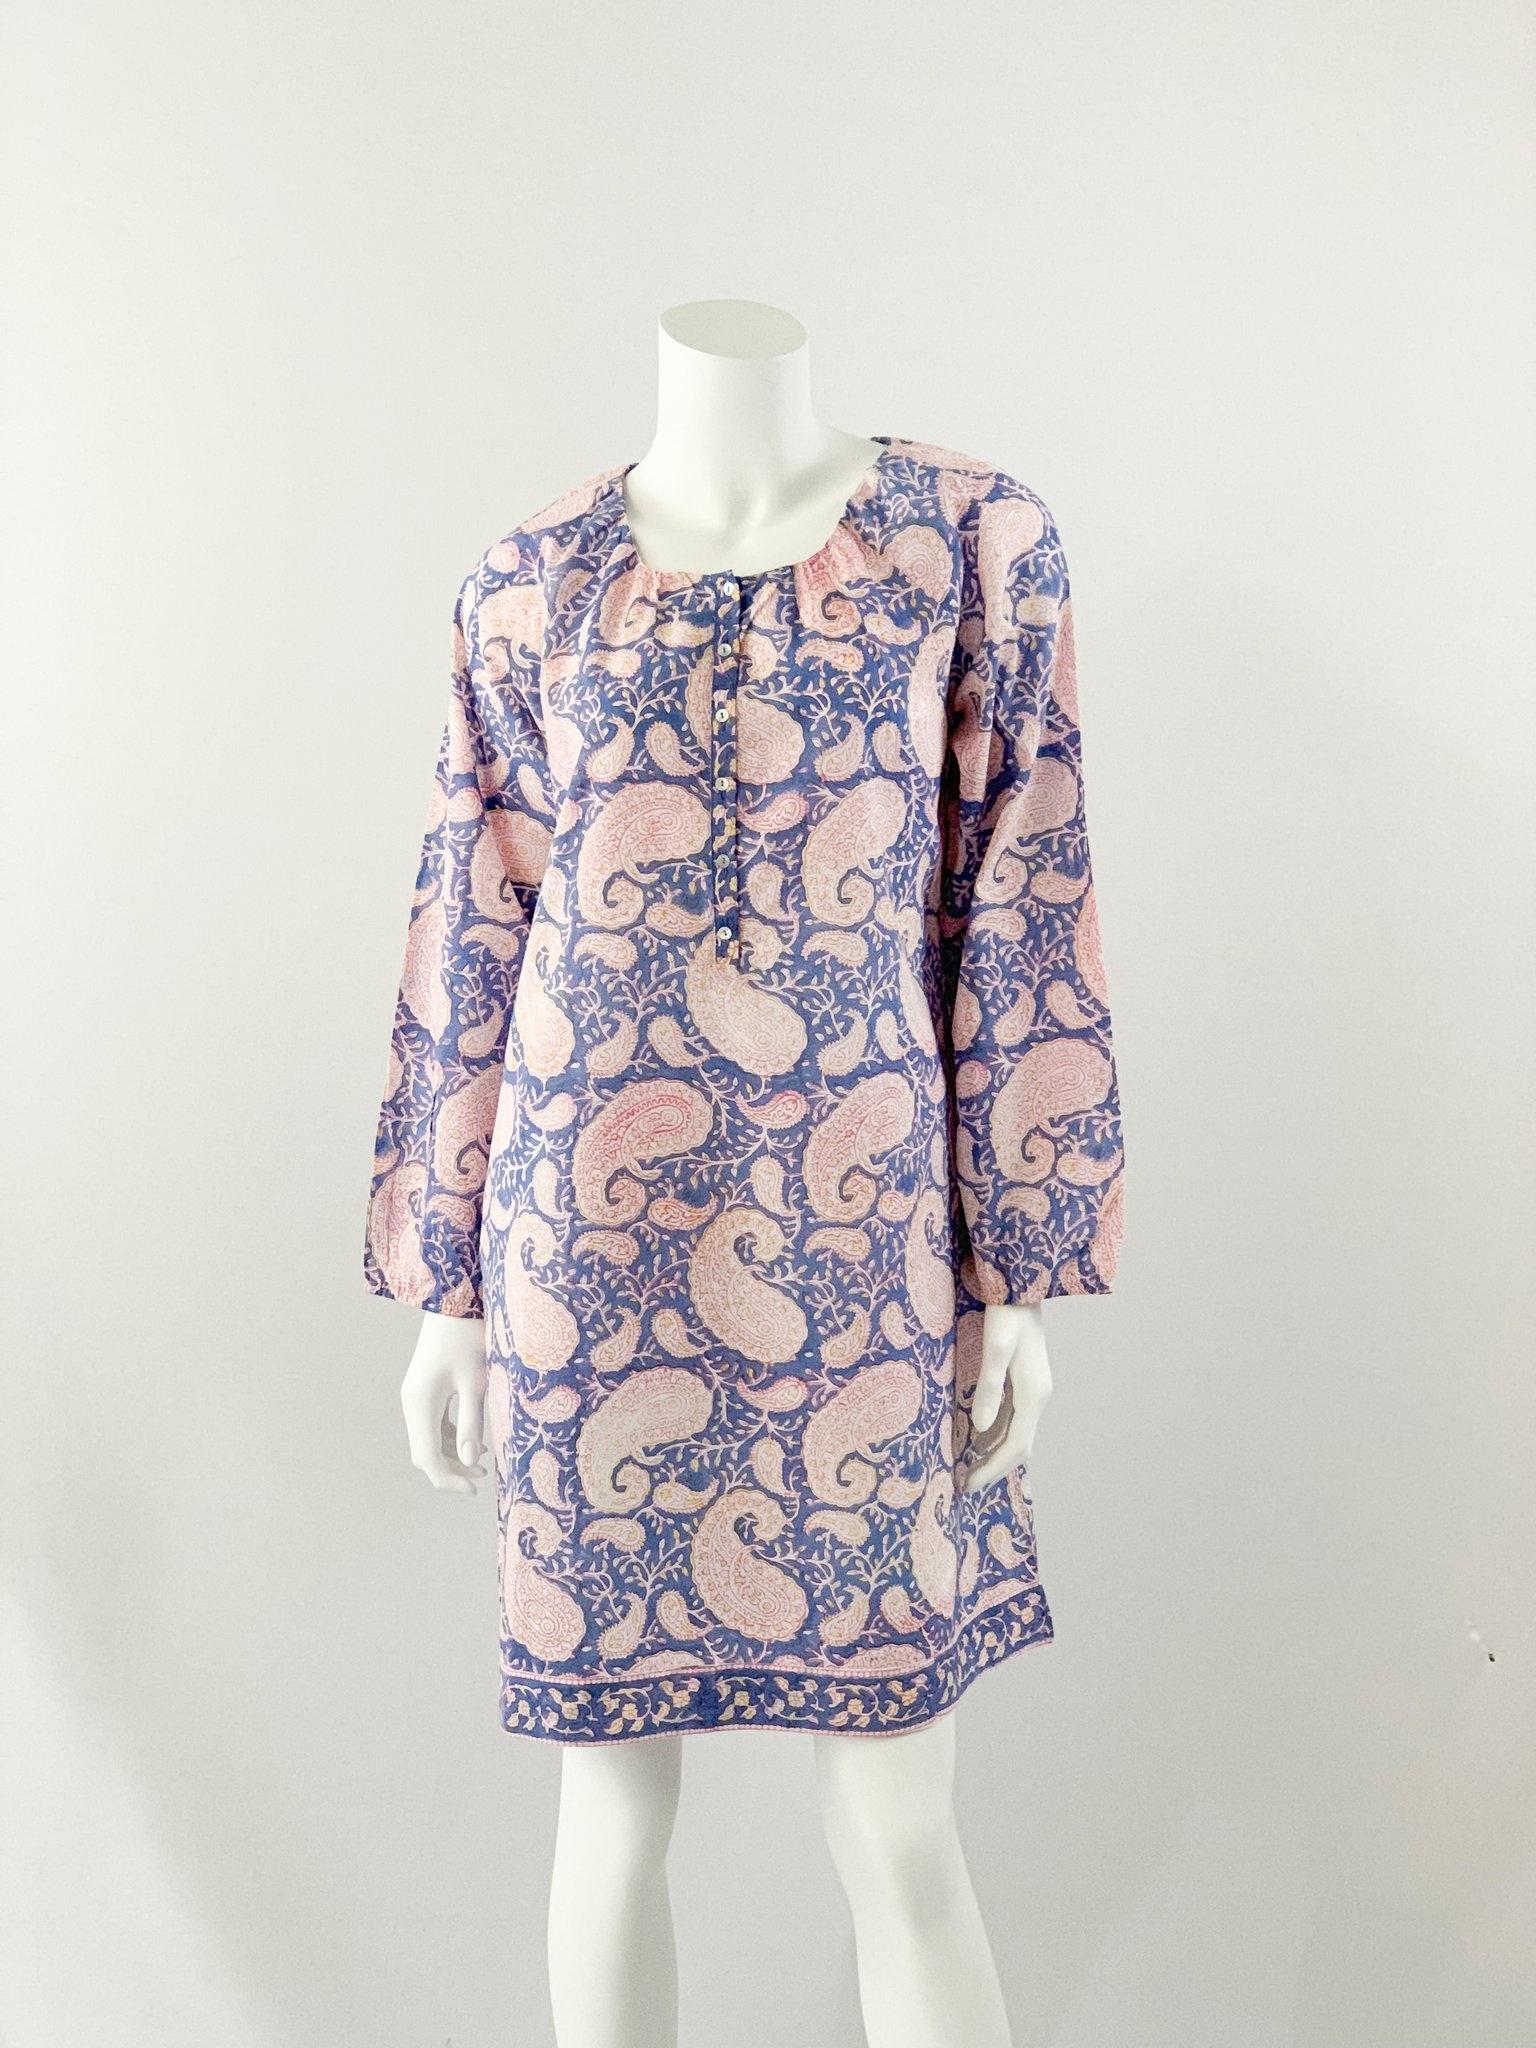 Cranlyn Shirtdress